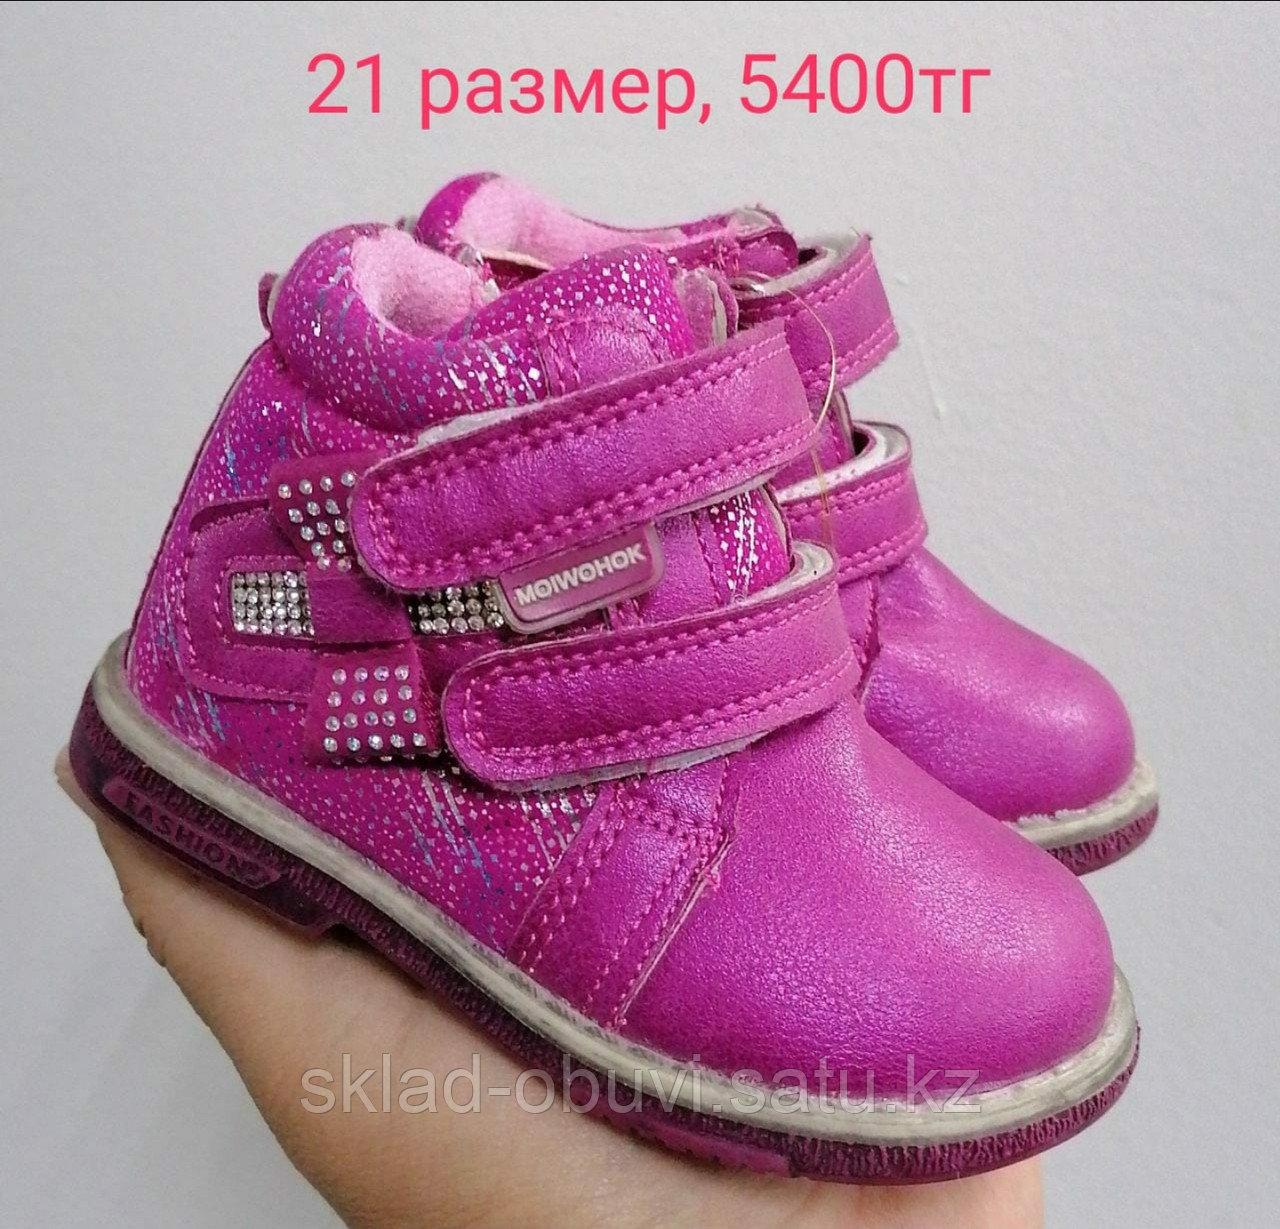 Кожаные ортопедические детские ботиночки. Распродажа со склада мелким оптом. - фото 8